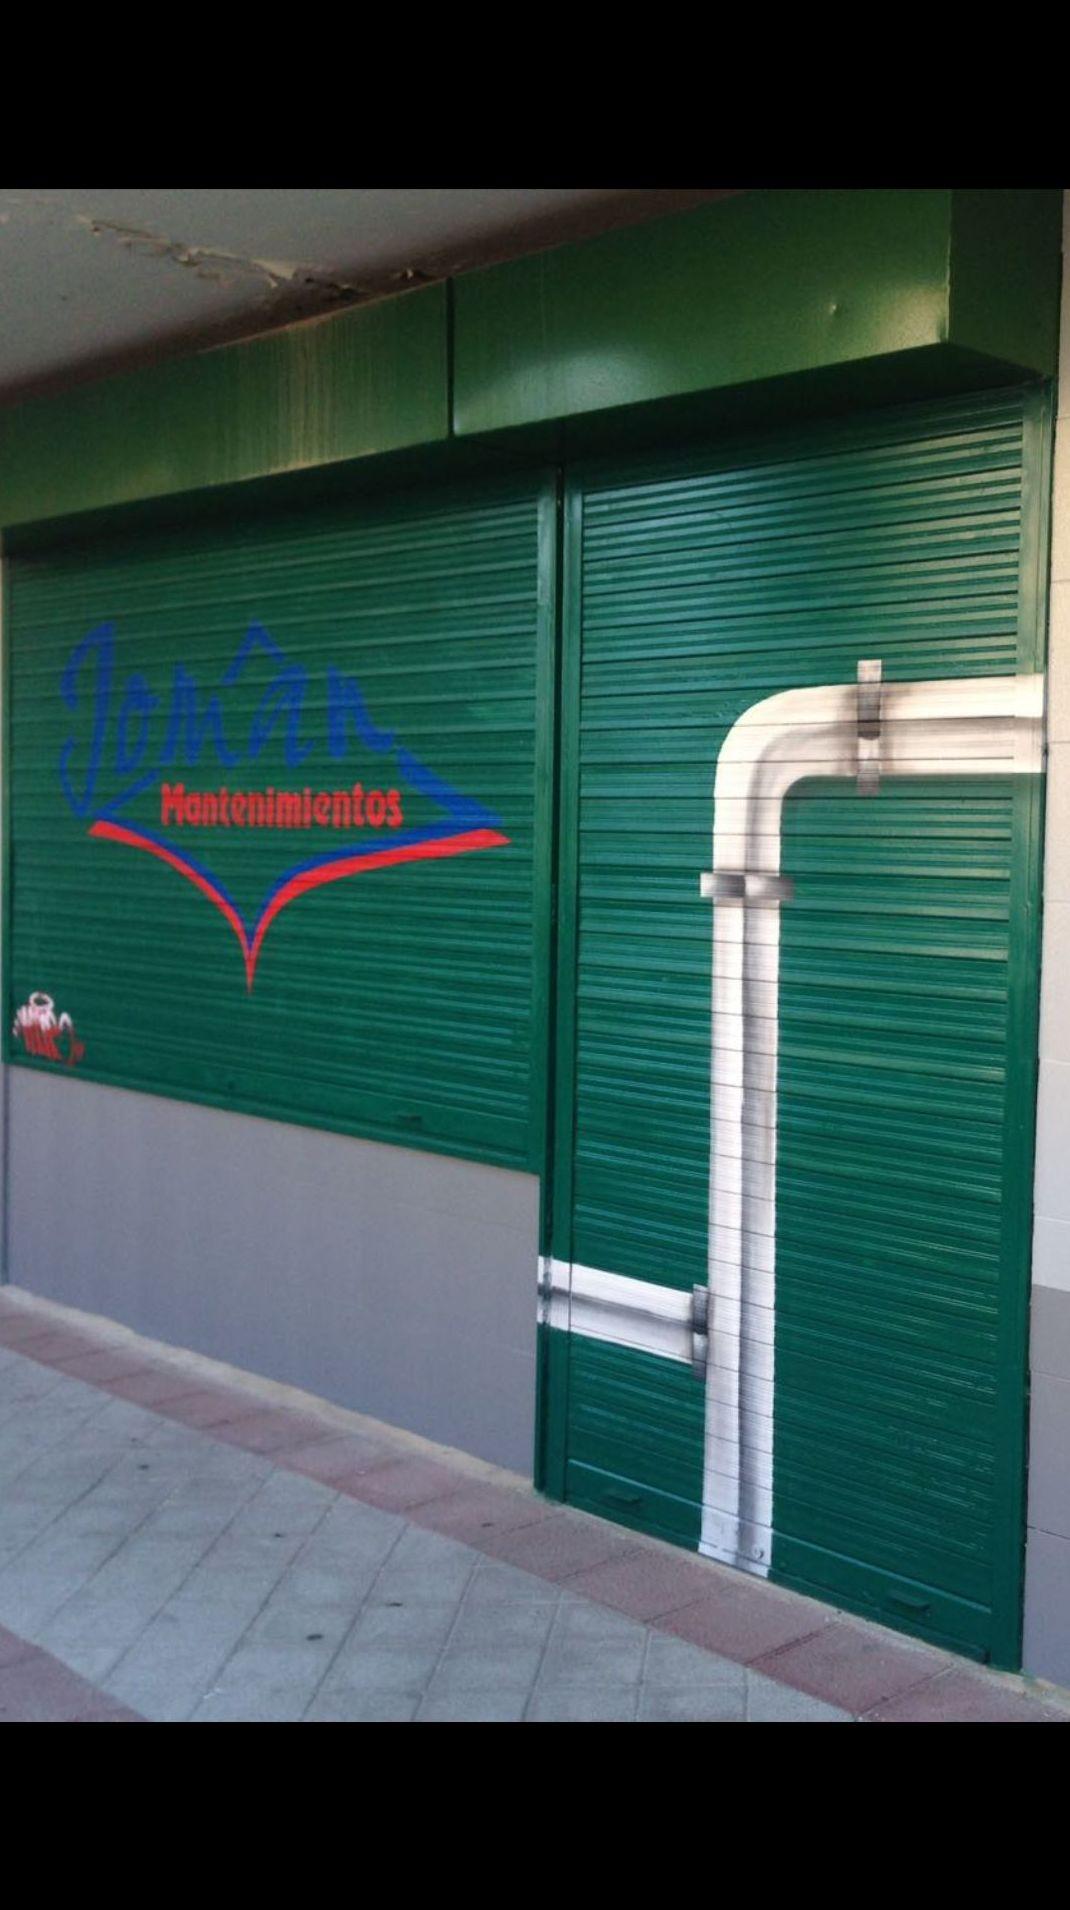 Foto 3 de Mantenimiento de salas de calderas en Fuenlabrada | Joman